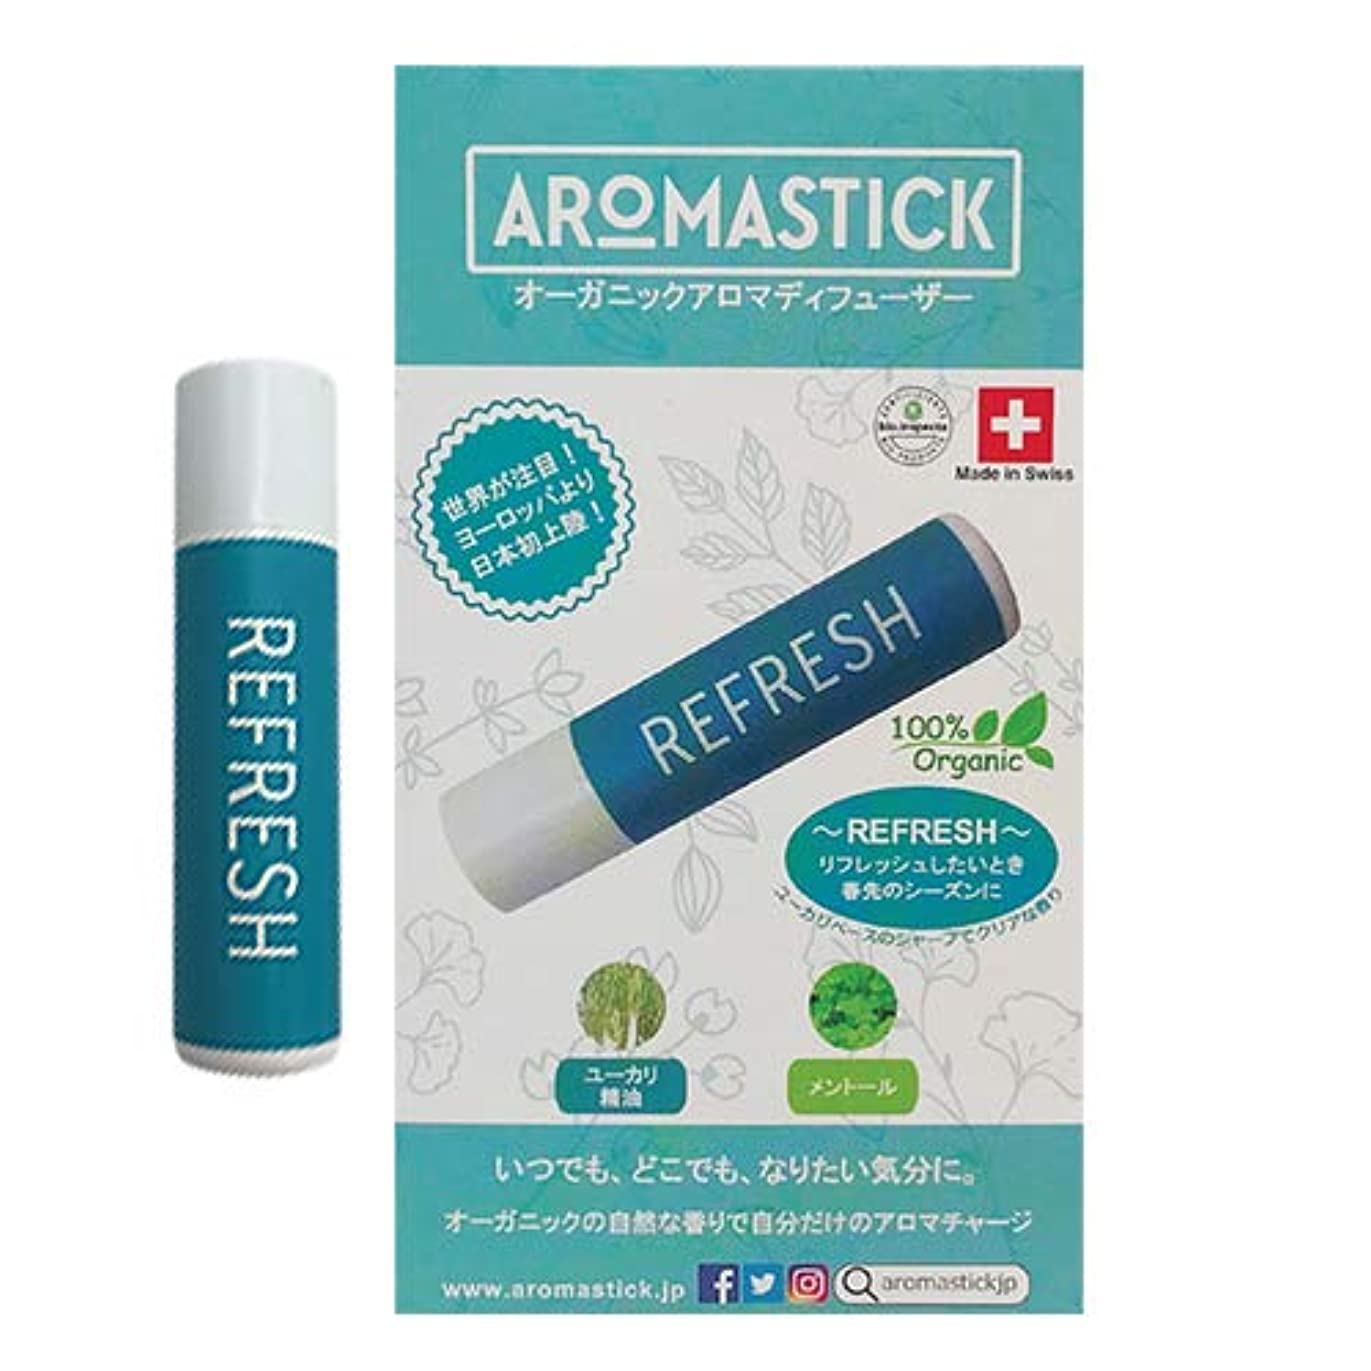 揺れる読む安全なオーガニックアロマディフューザー アロマスティック(aromastick) リフレッシュ [REFRESH]